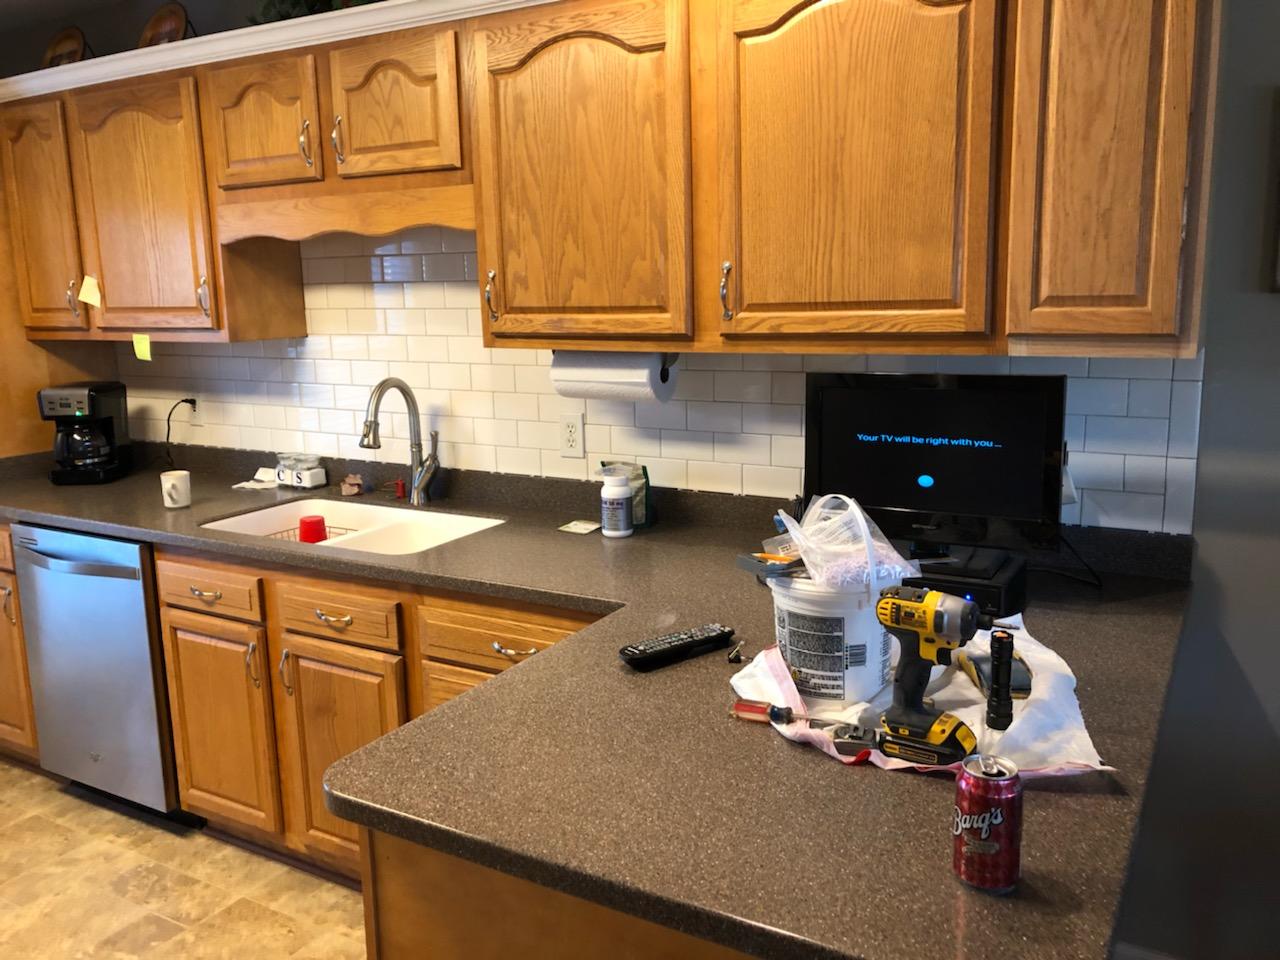 Removing and replacing kitchen backsplash-cabnet-backsplash-1.jpg